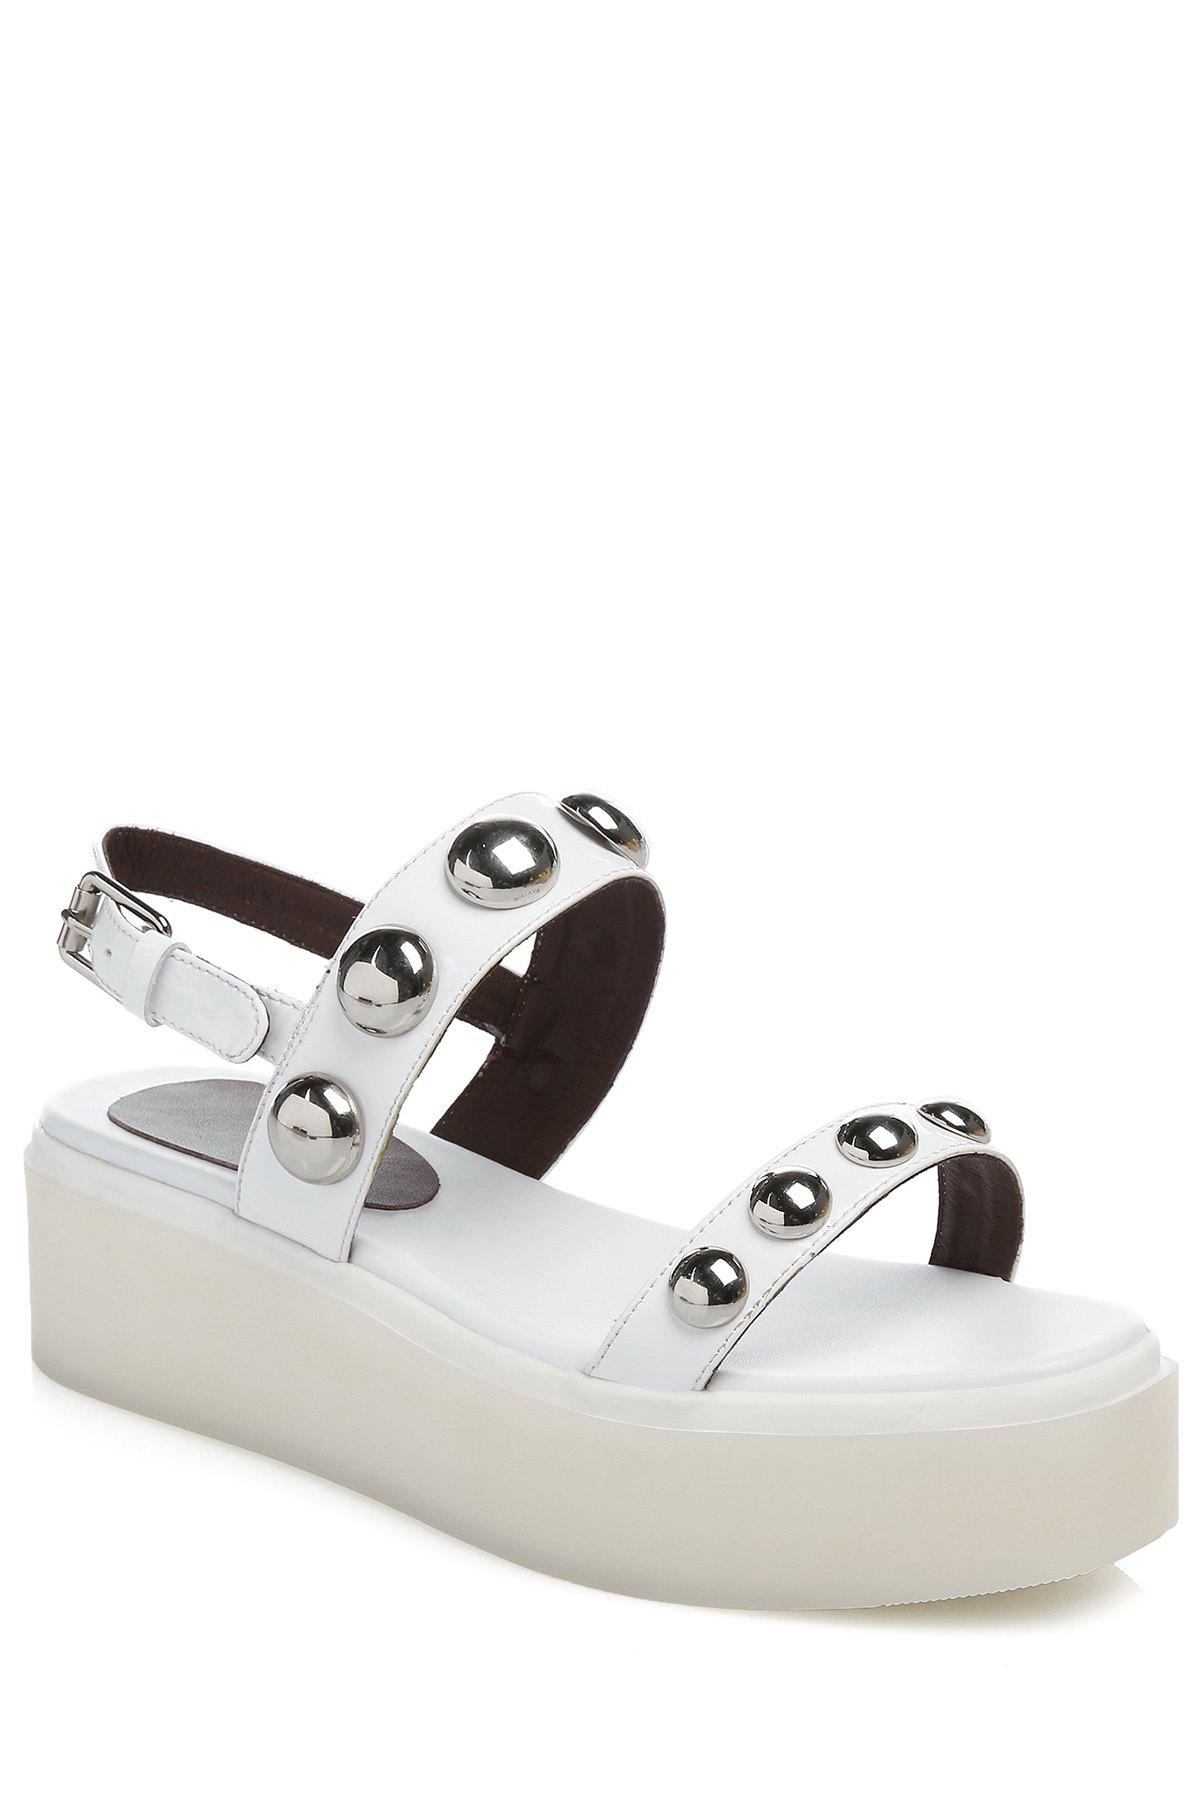 Buy Rivet Solid Color Platform Sandals WHITE 39